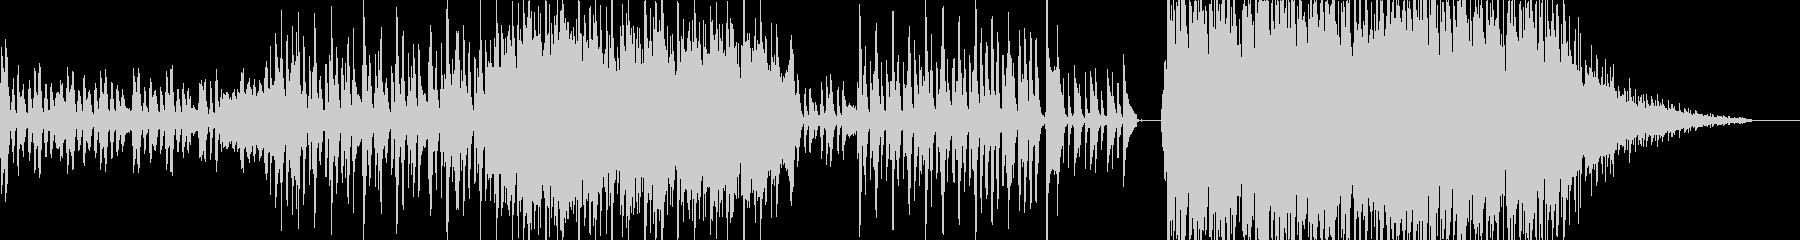 古典的で暖かい曲の未再生の波形